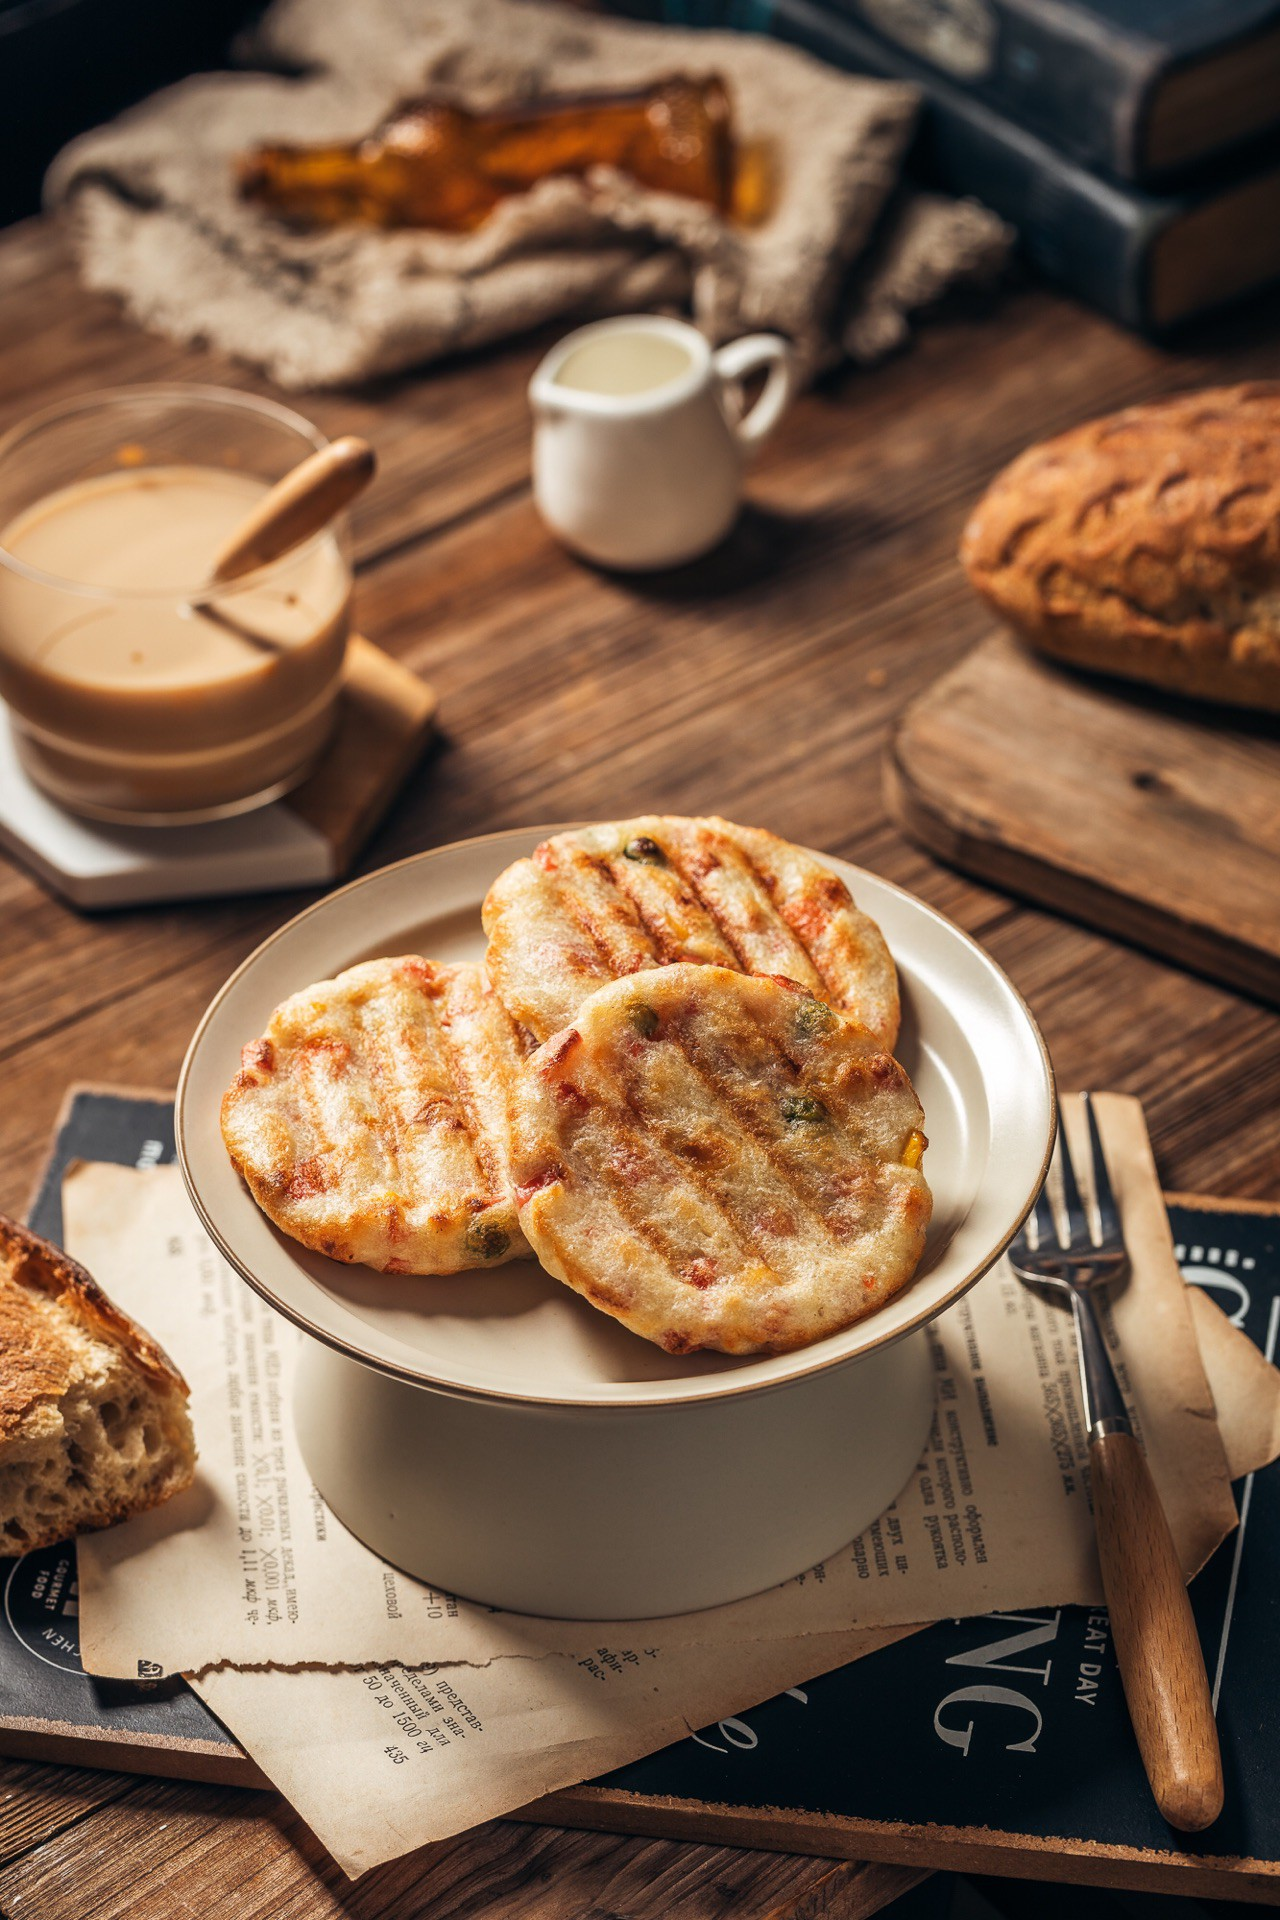 Bỏ túi công thức bánh ăn vặt mềm ngon giúp bé bổ sung rau củ hiệu quả - Ảnh 5